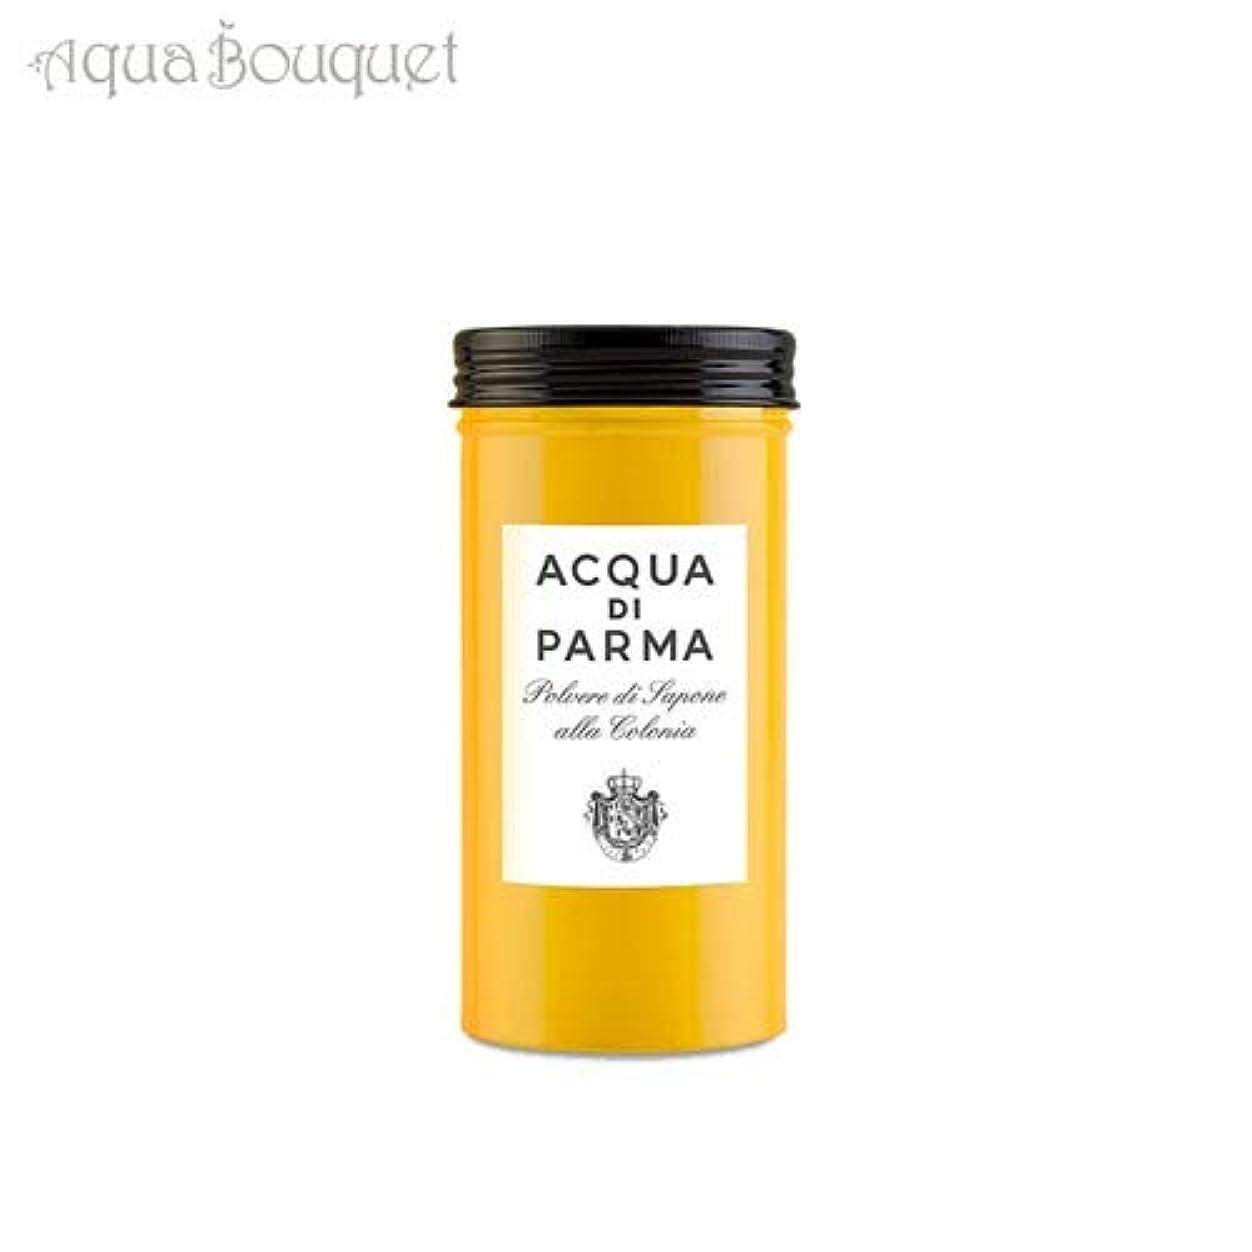 内部混乱した疑わしいアクア ディ パルマ コロニア パウダーソープ 70g ACQUA DI PARMA COLONIA POWDER SOAP [0422] [並行輸入品]